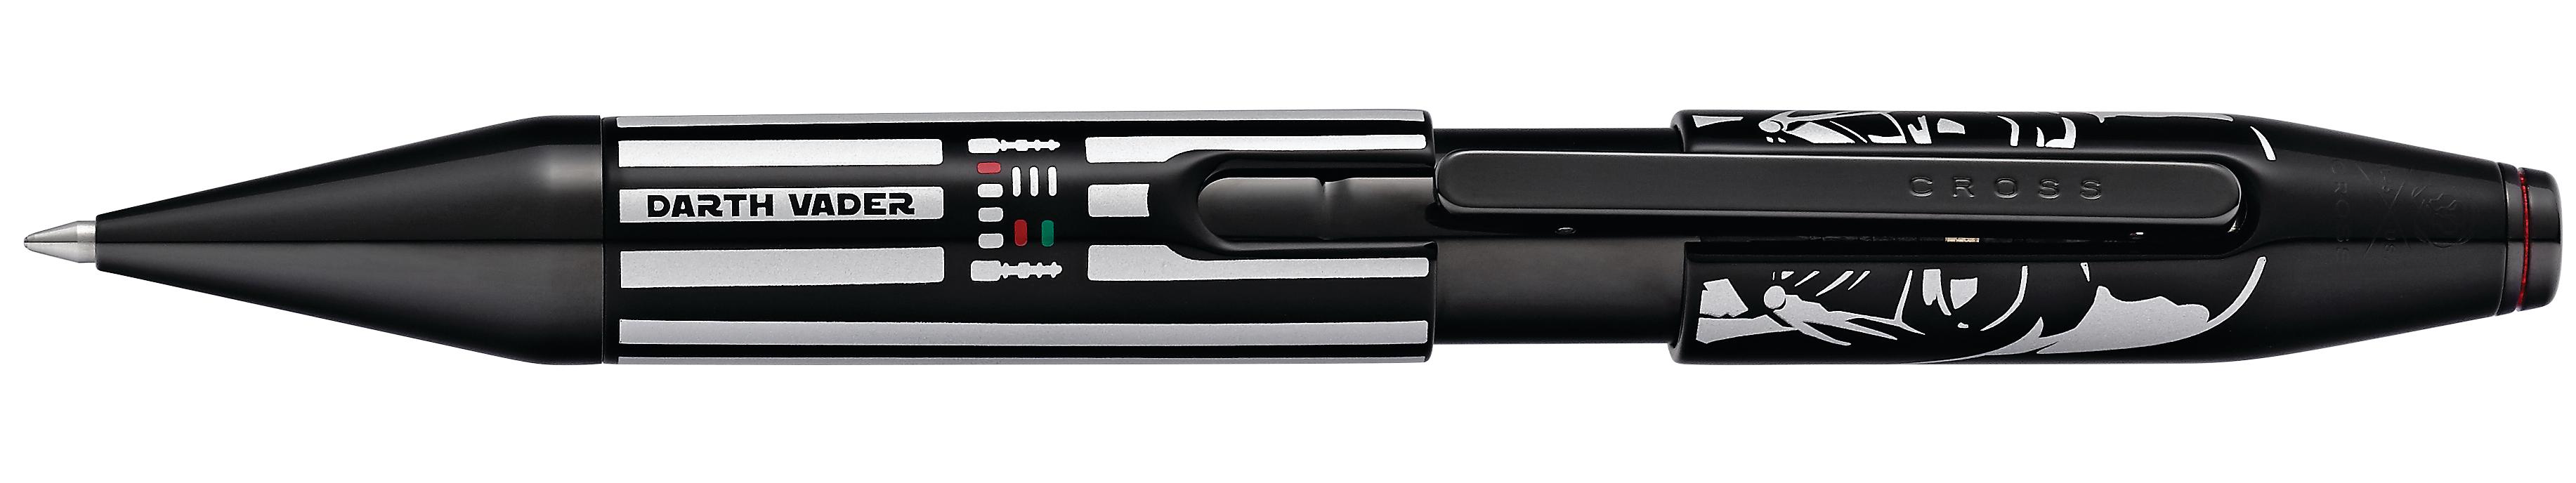 Cross X Star Wars Darth Vader Rollerball Pen